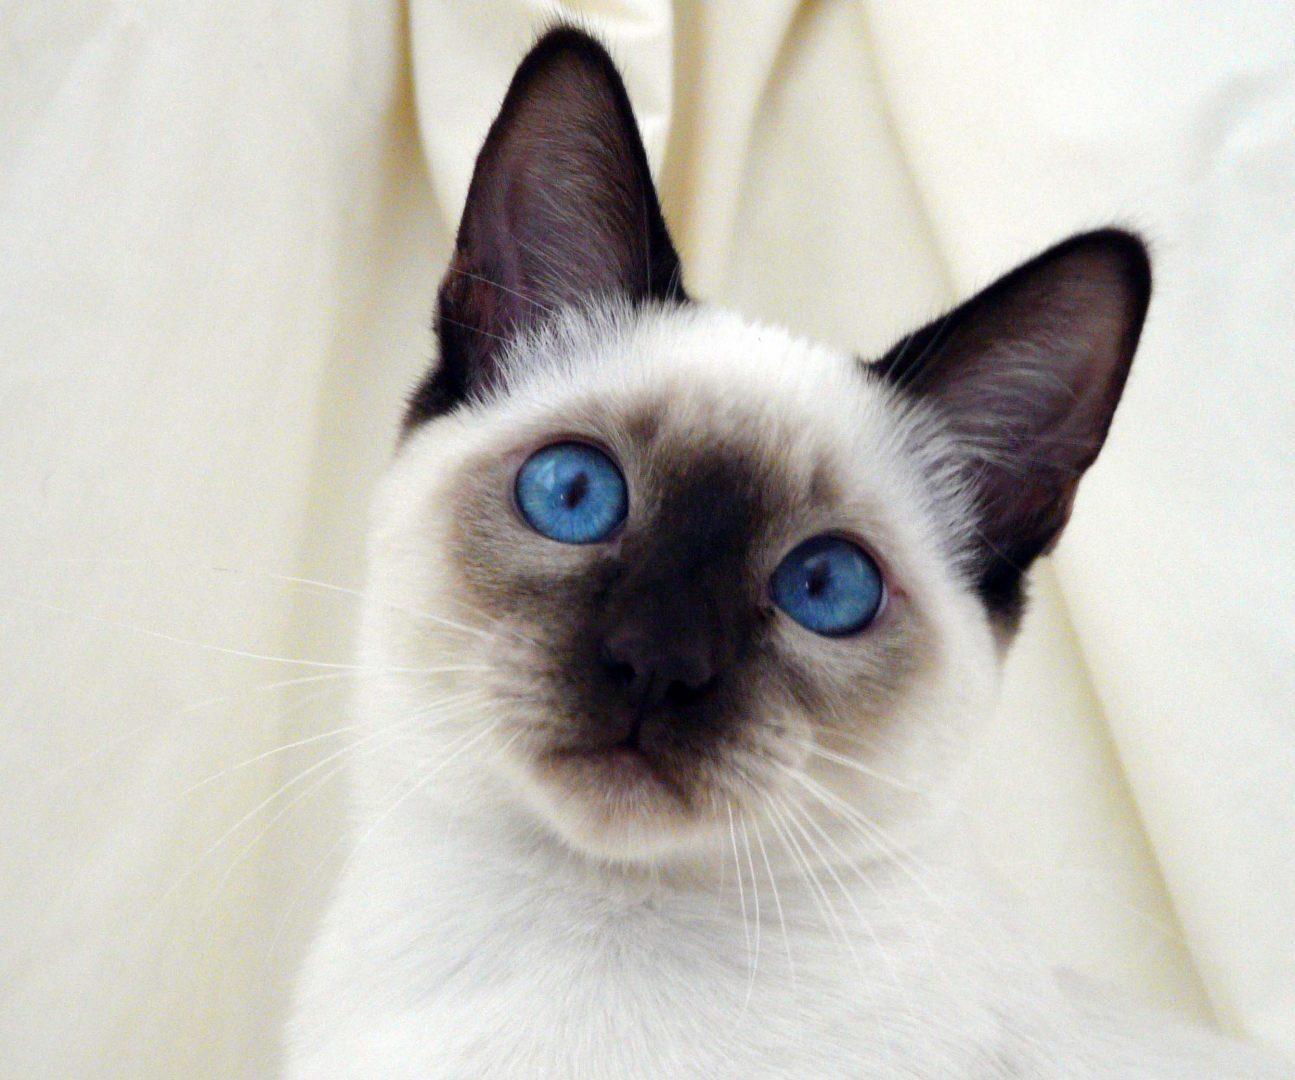 Raza siamés de ojos azules